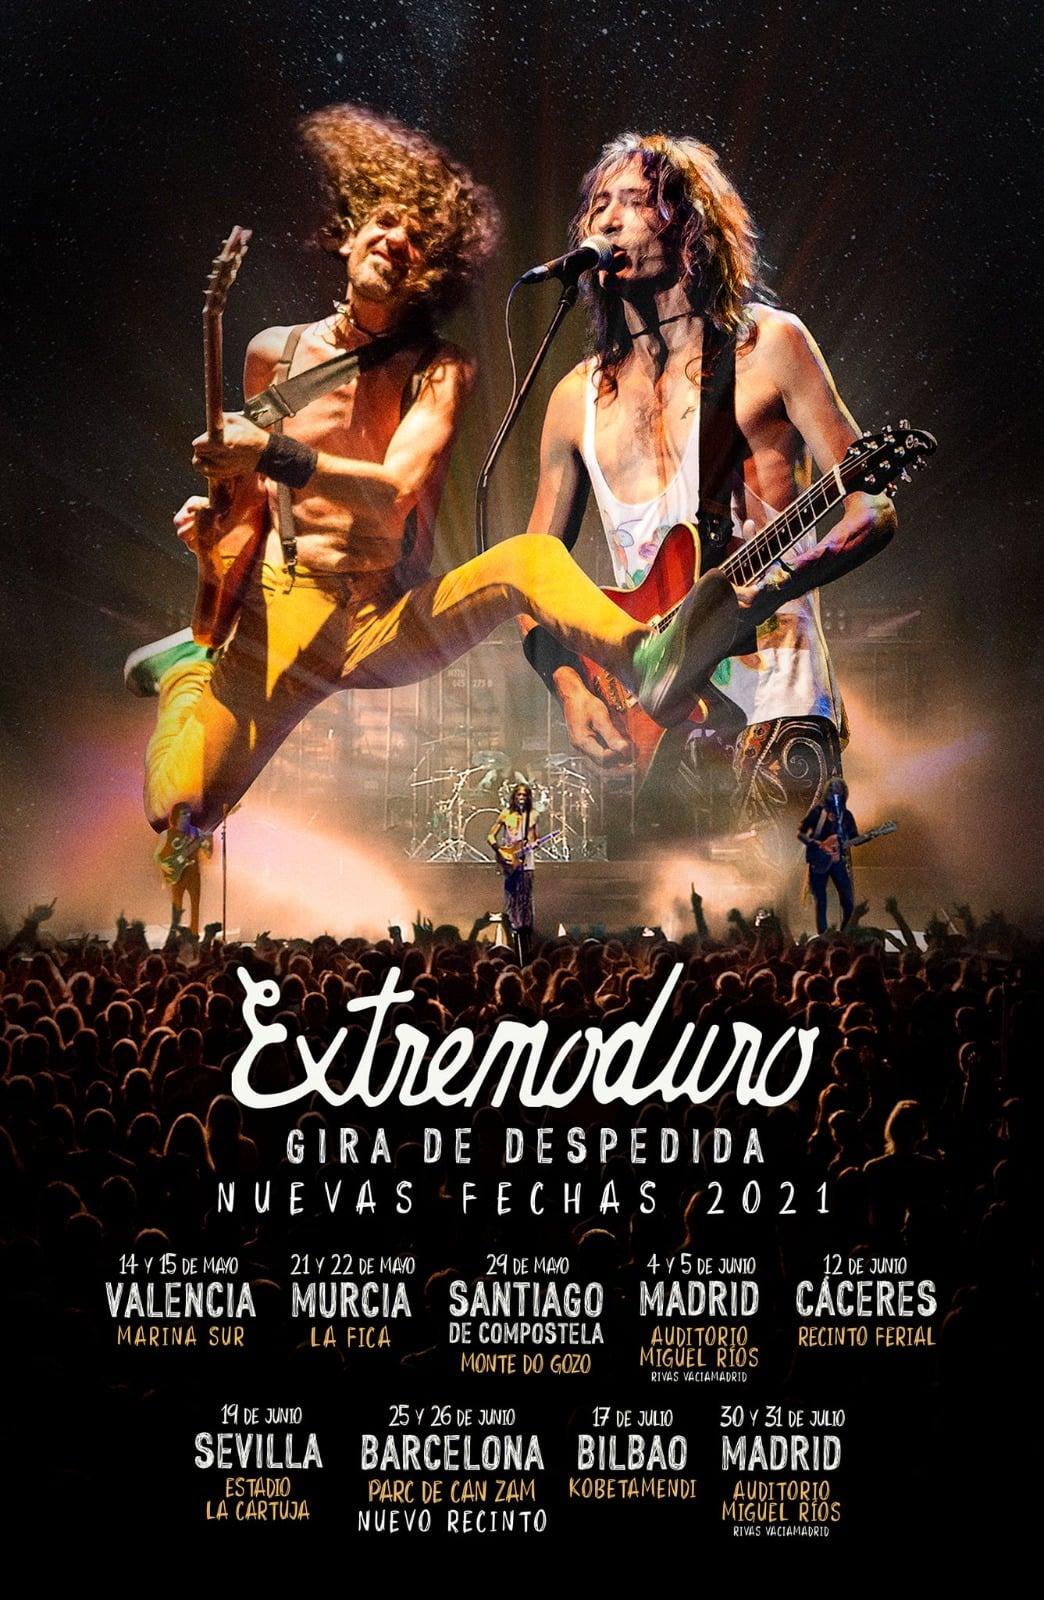 Extremoduro anuncia las fechas de su gira de despedida en 2021 2